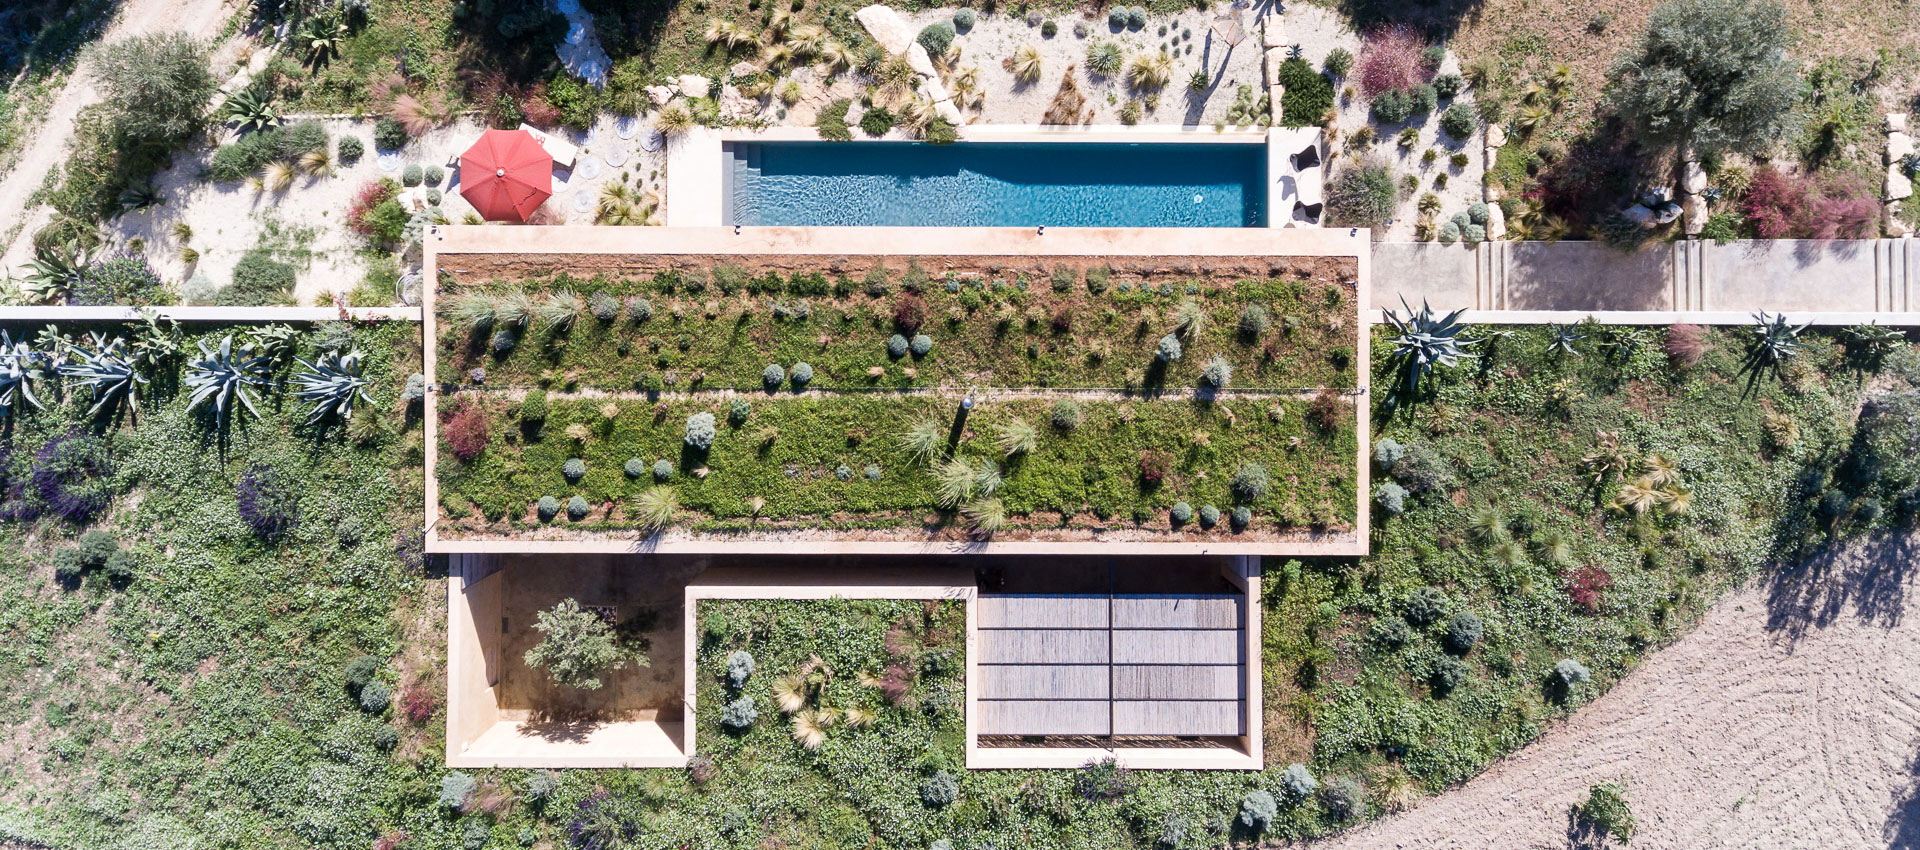 Vista exterior. Casa ECS para un artista de Giuseppe Gurrieri. Fotografía © Filippo Poli